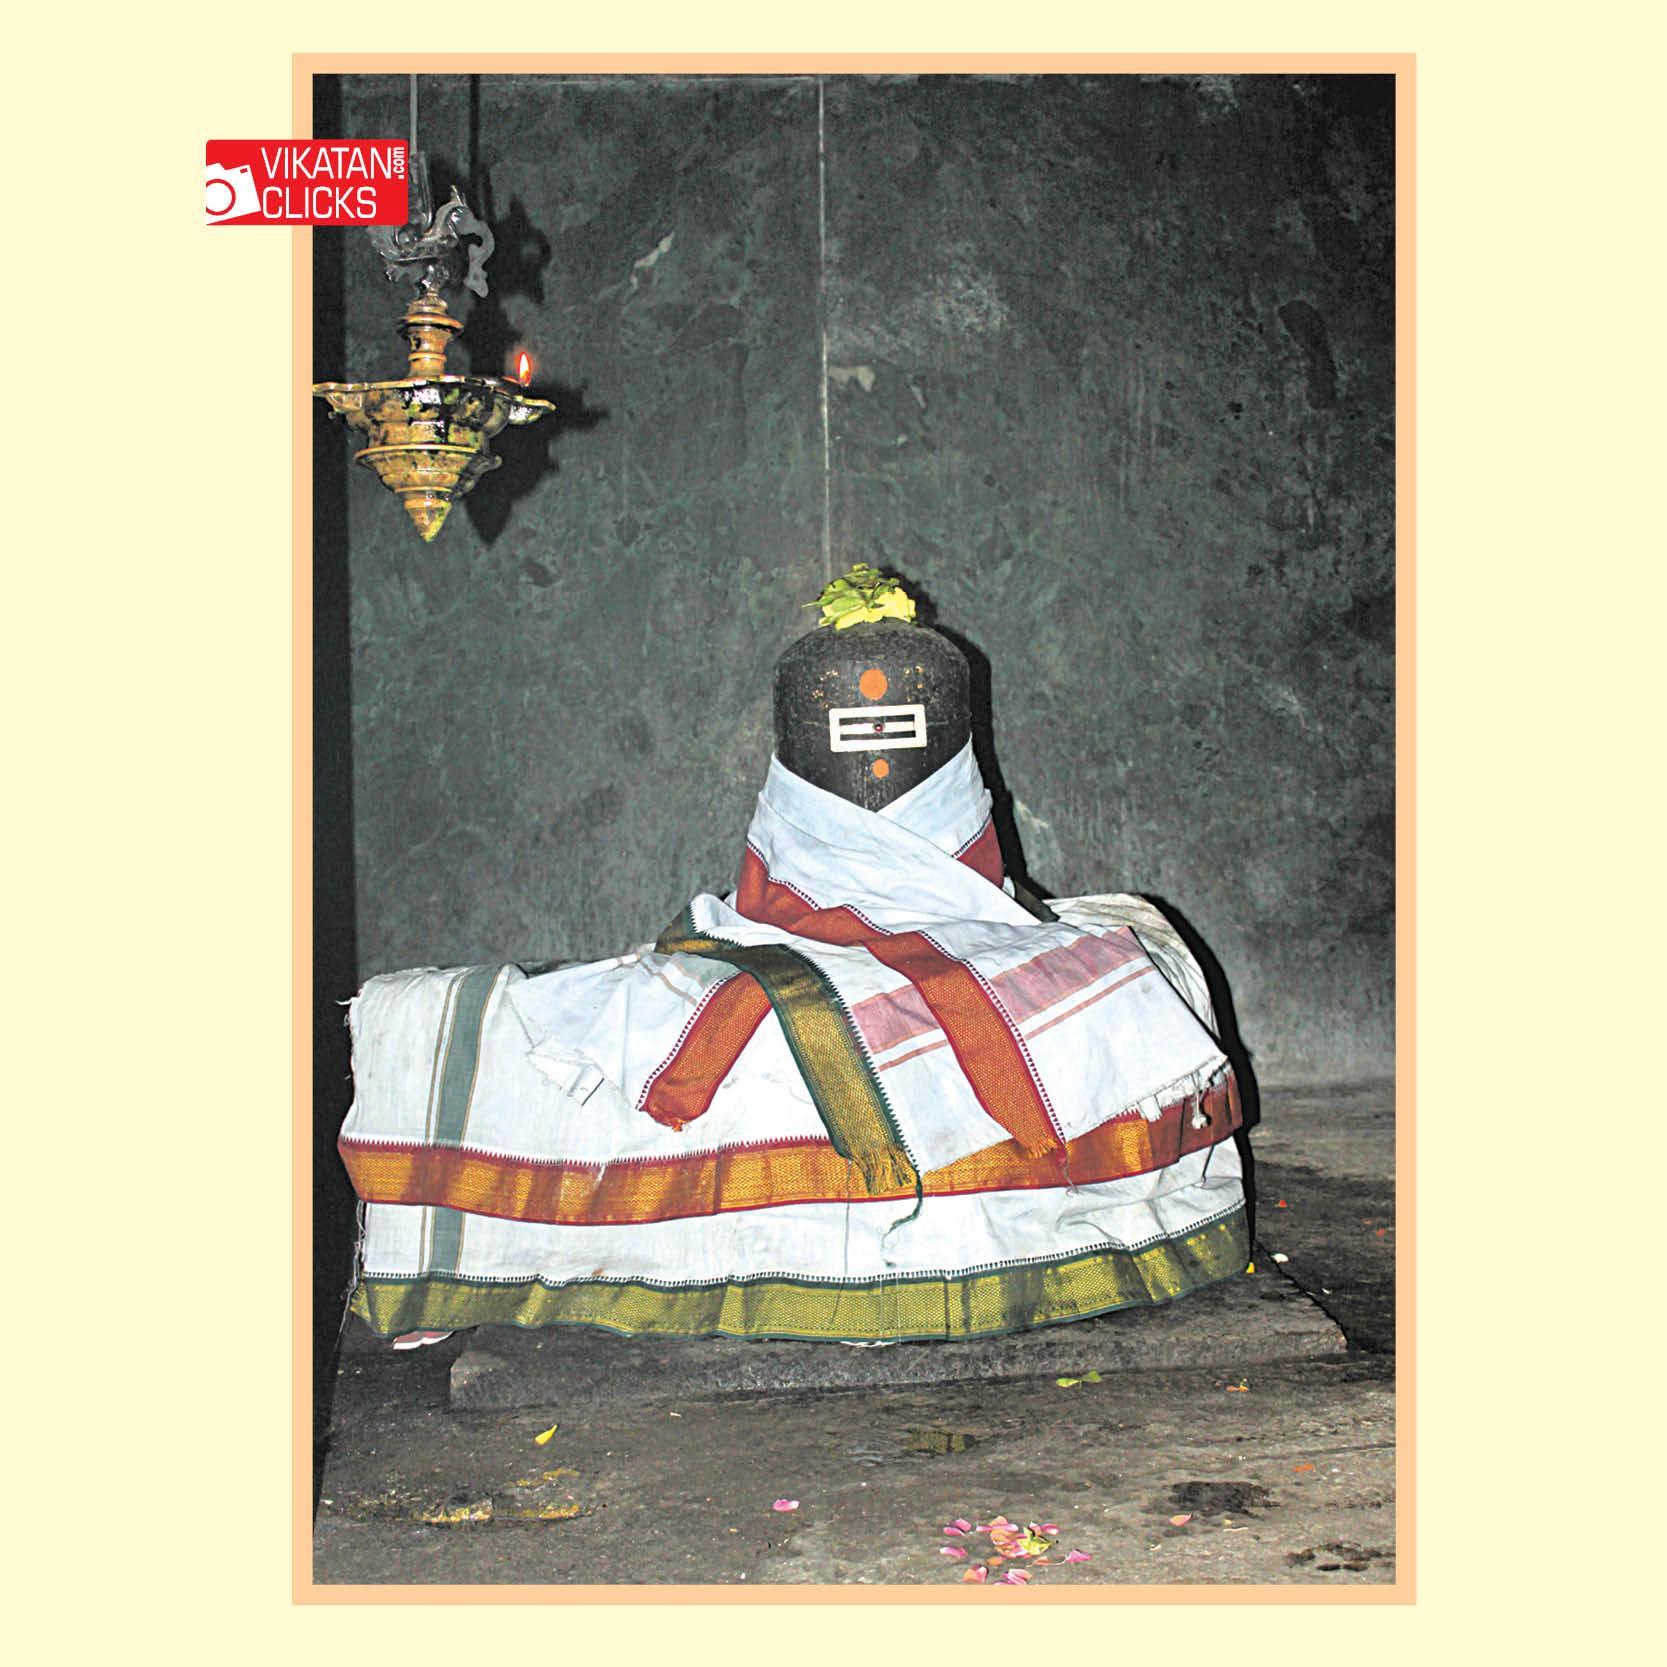 காஞ்சி ஸ்ரீமேற்றளீஸ்வரர்